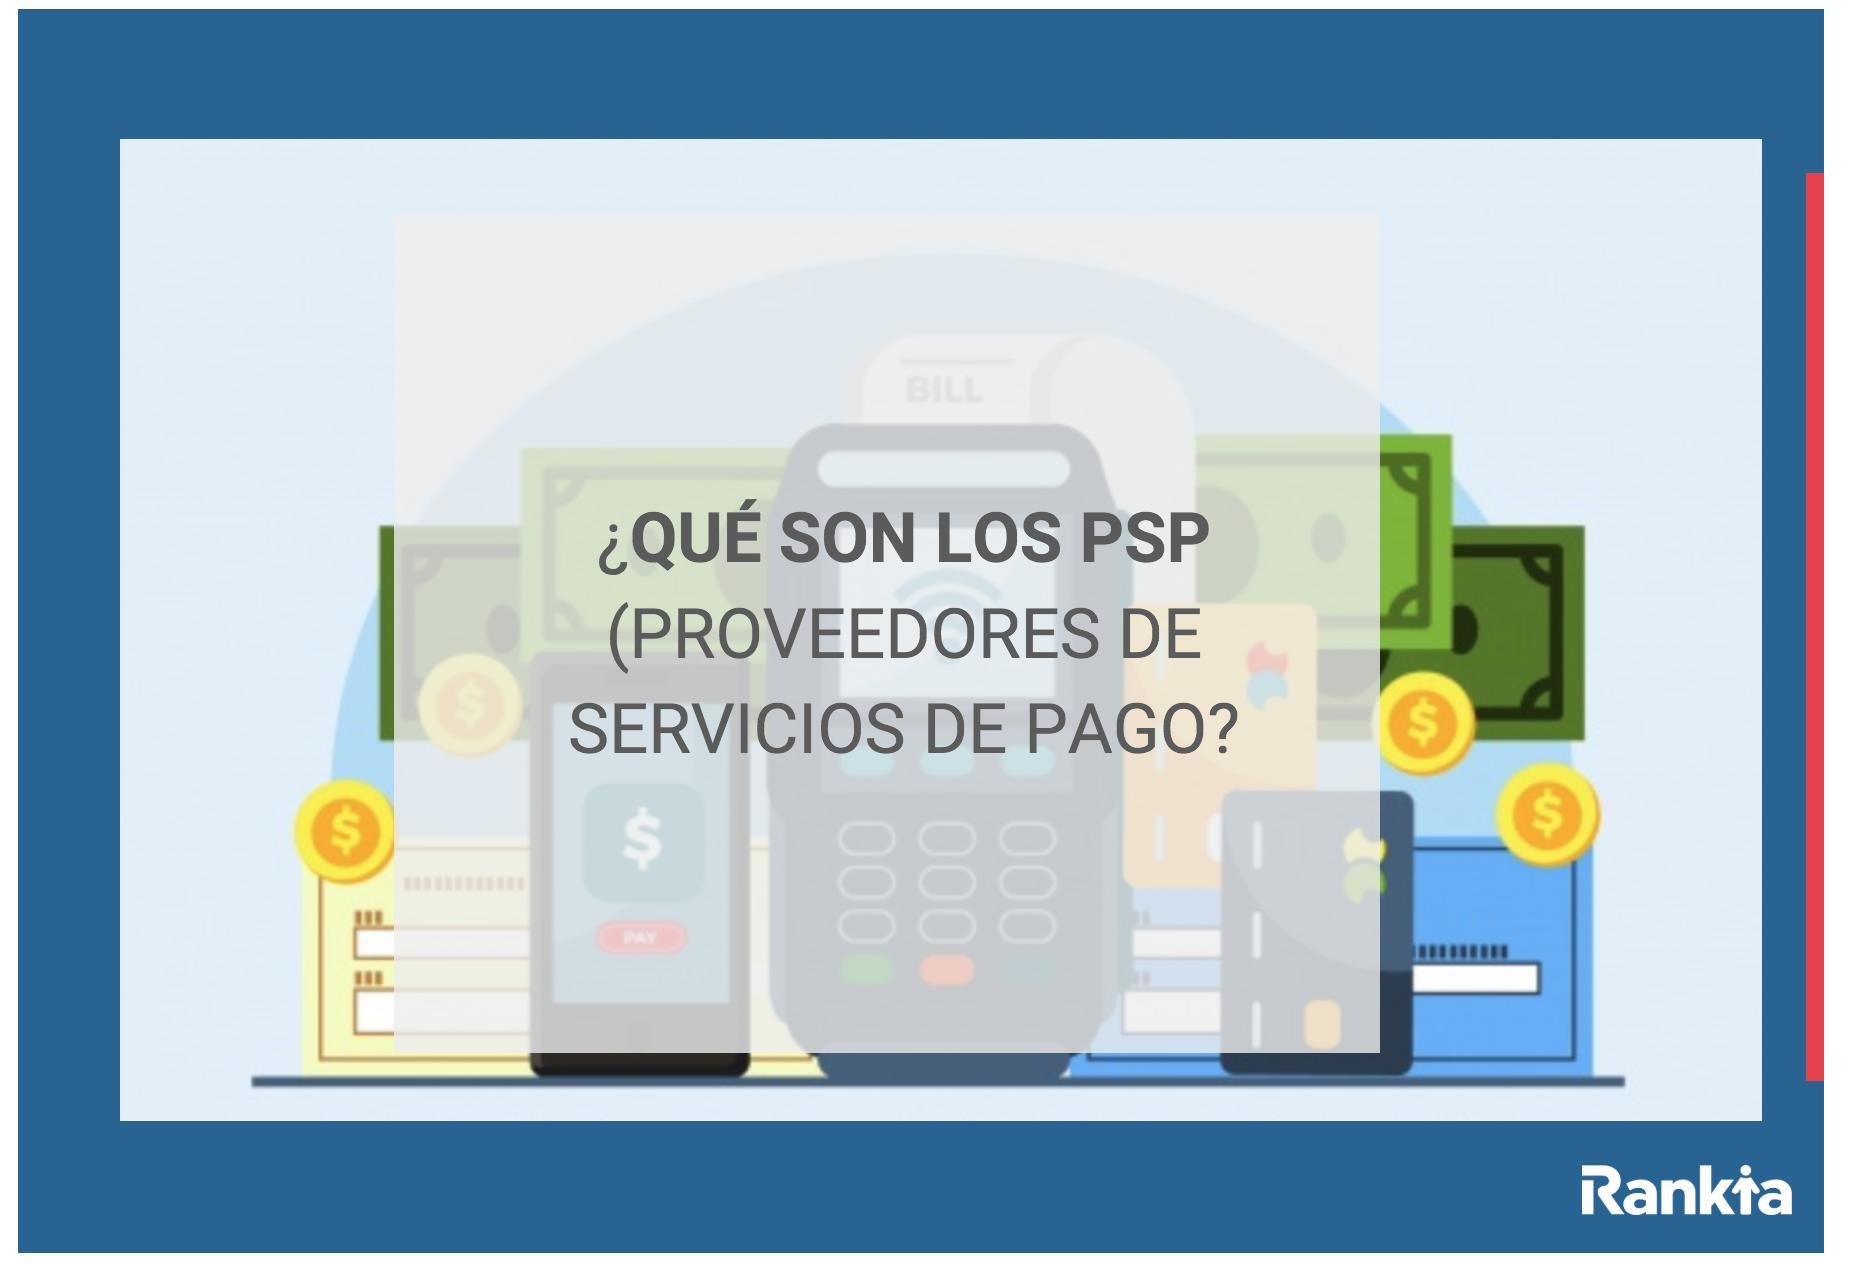 Qué son los PSP (proveedores de servicios de pago)